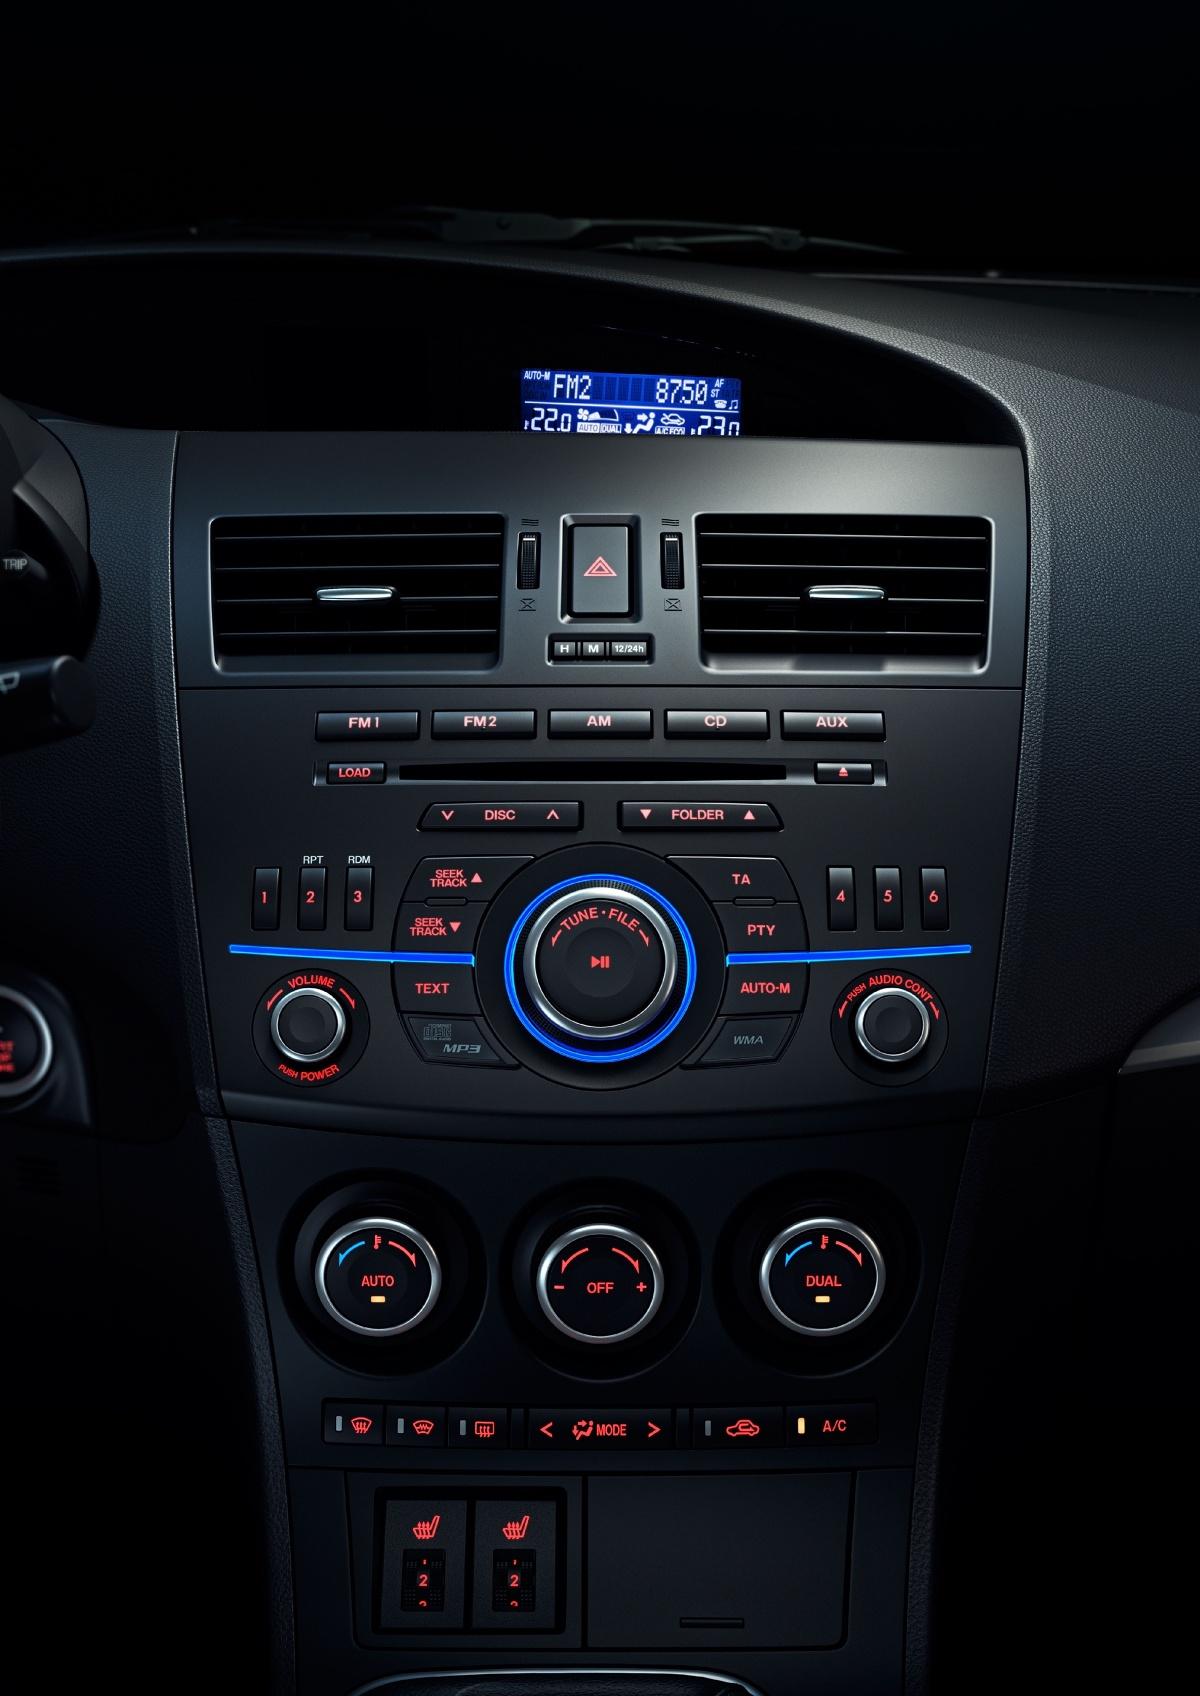 Mazda 3 zdj cie mazda 3 foto